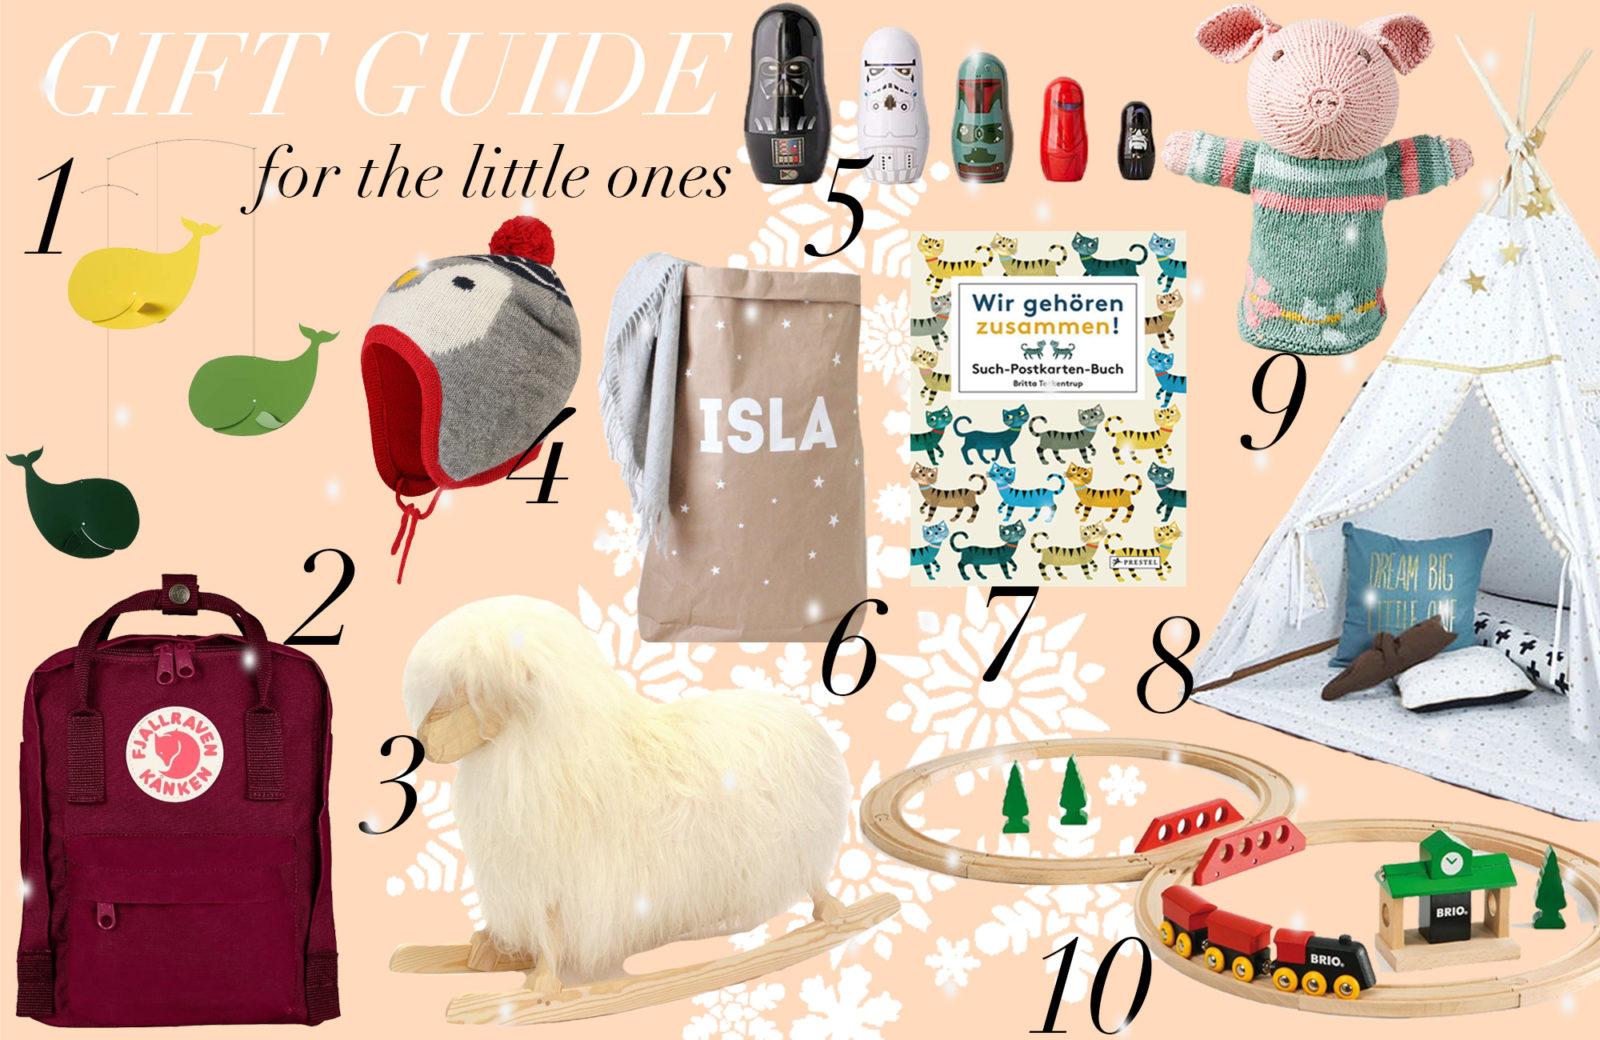 Gift Guide: Die tollsten Geschenke für die Kleinsten - Journelles